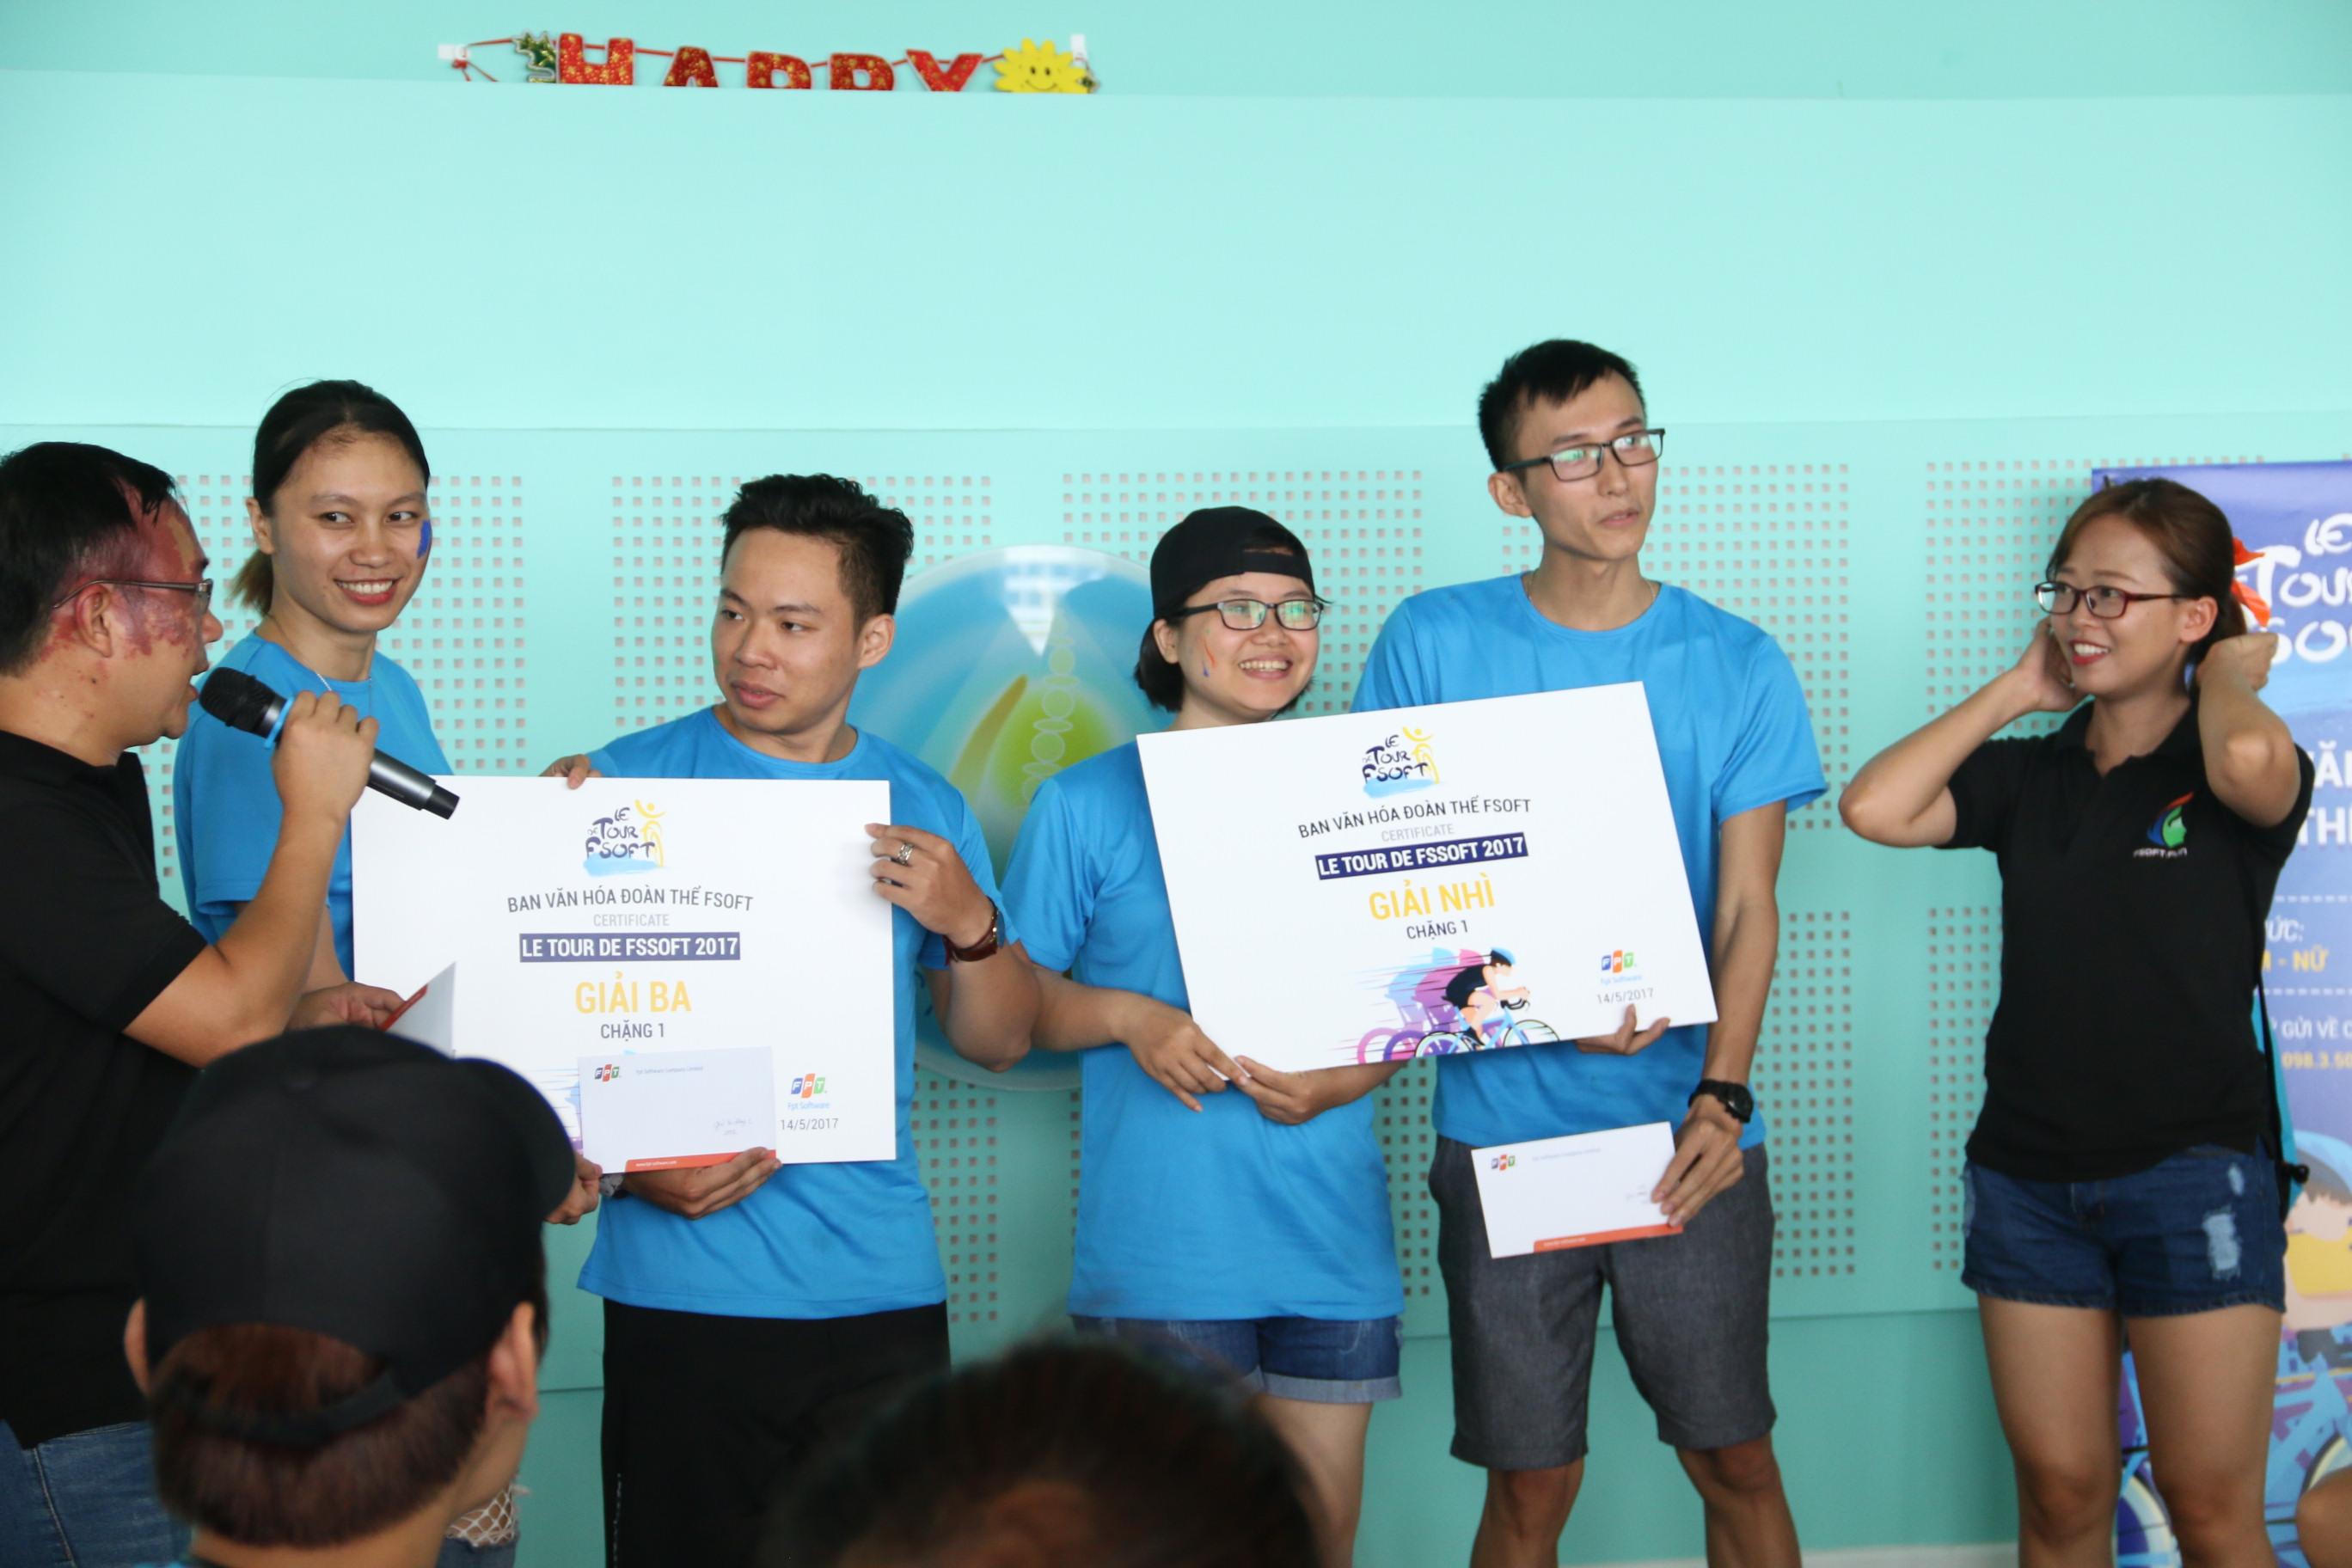 Giải Nhì và Ba chặng 1 được trao cho Cặp đôi Nguyễn Tùng Lâm và cặp Nguyễn Văn Trương, FPT Software.